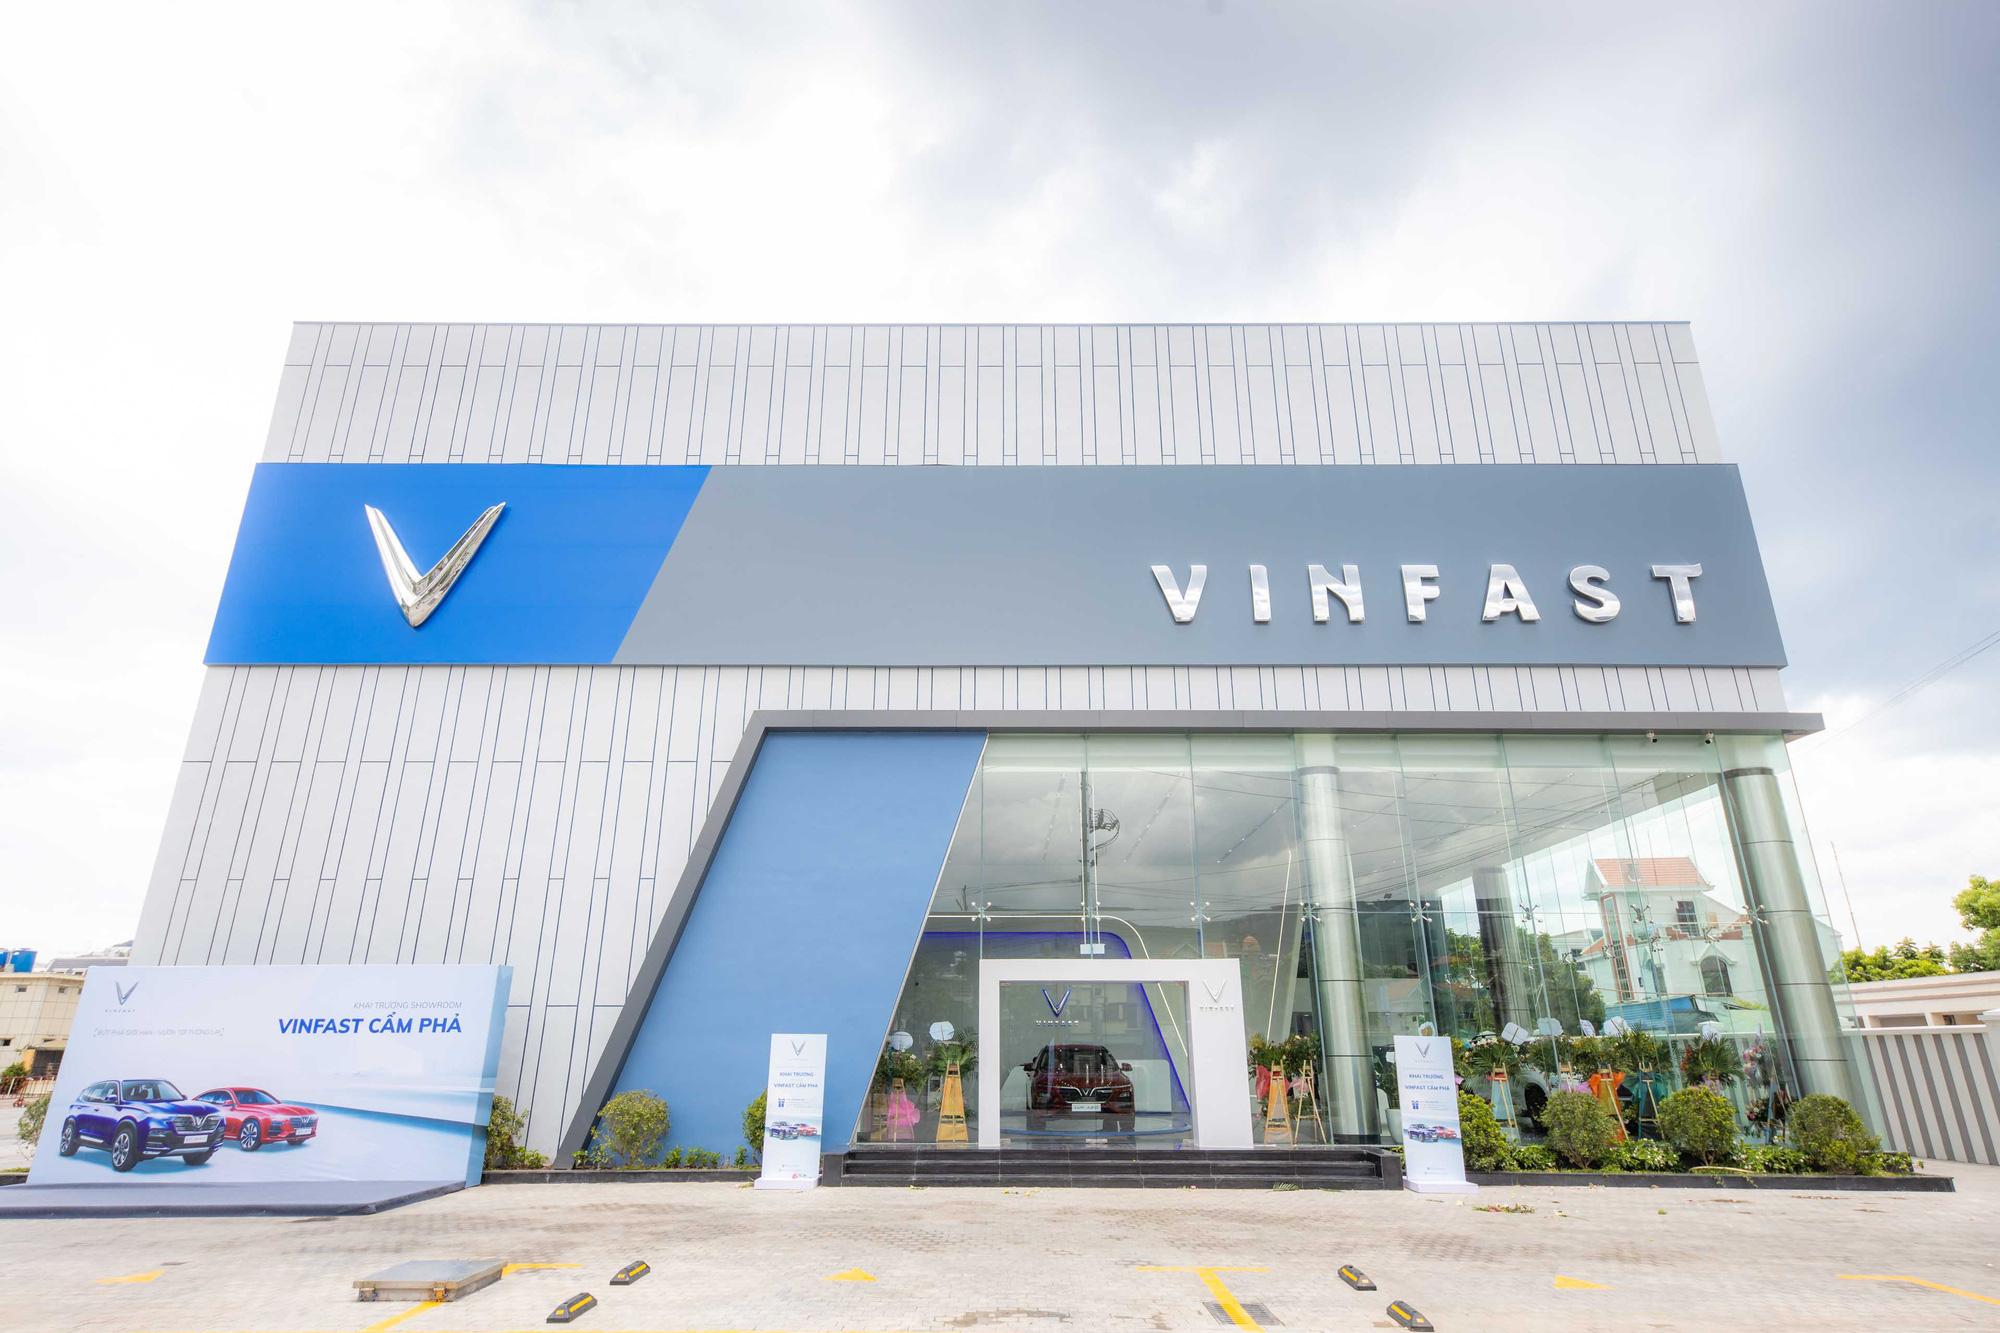 """VinFast khai trương showroom 3S Cẩm Phả, """"trình làng"""" diện mạo hoàn toàn mới - Ảnh 1."""